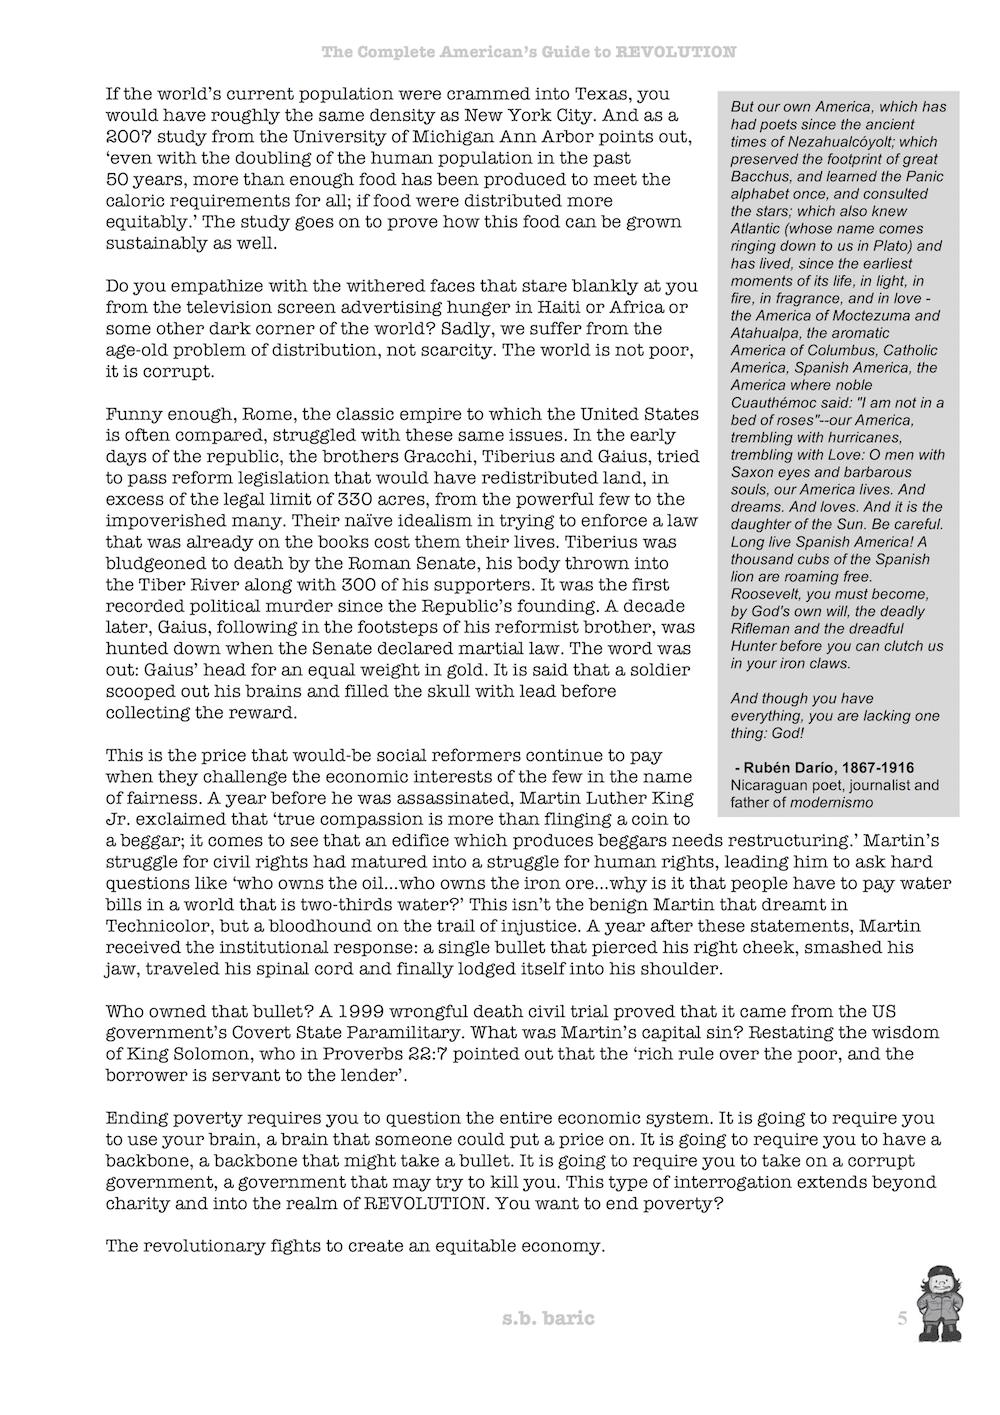 CAGR Ch 1 pg 6